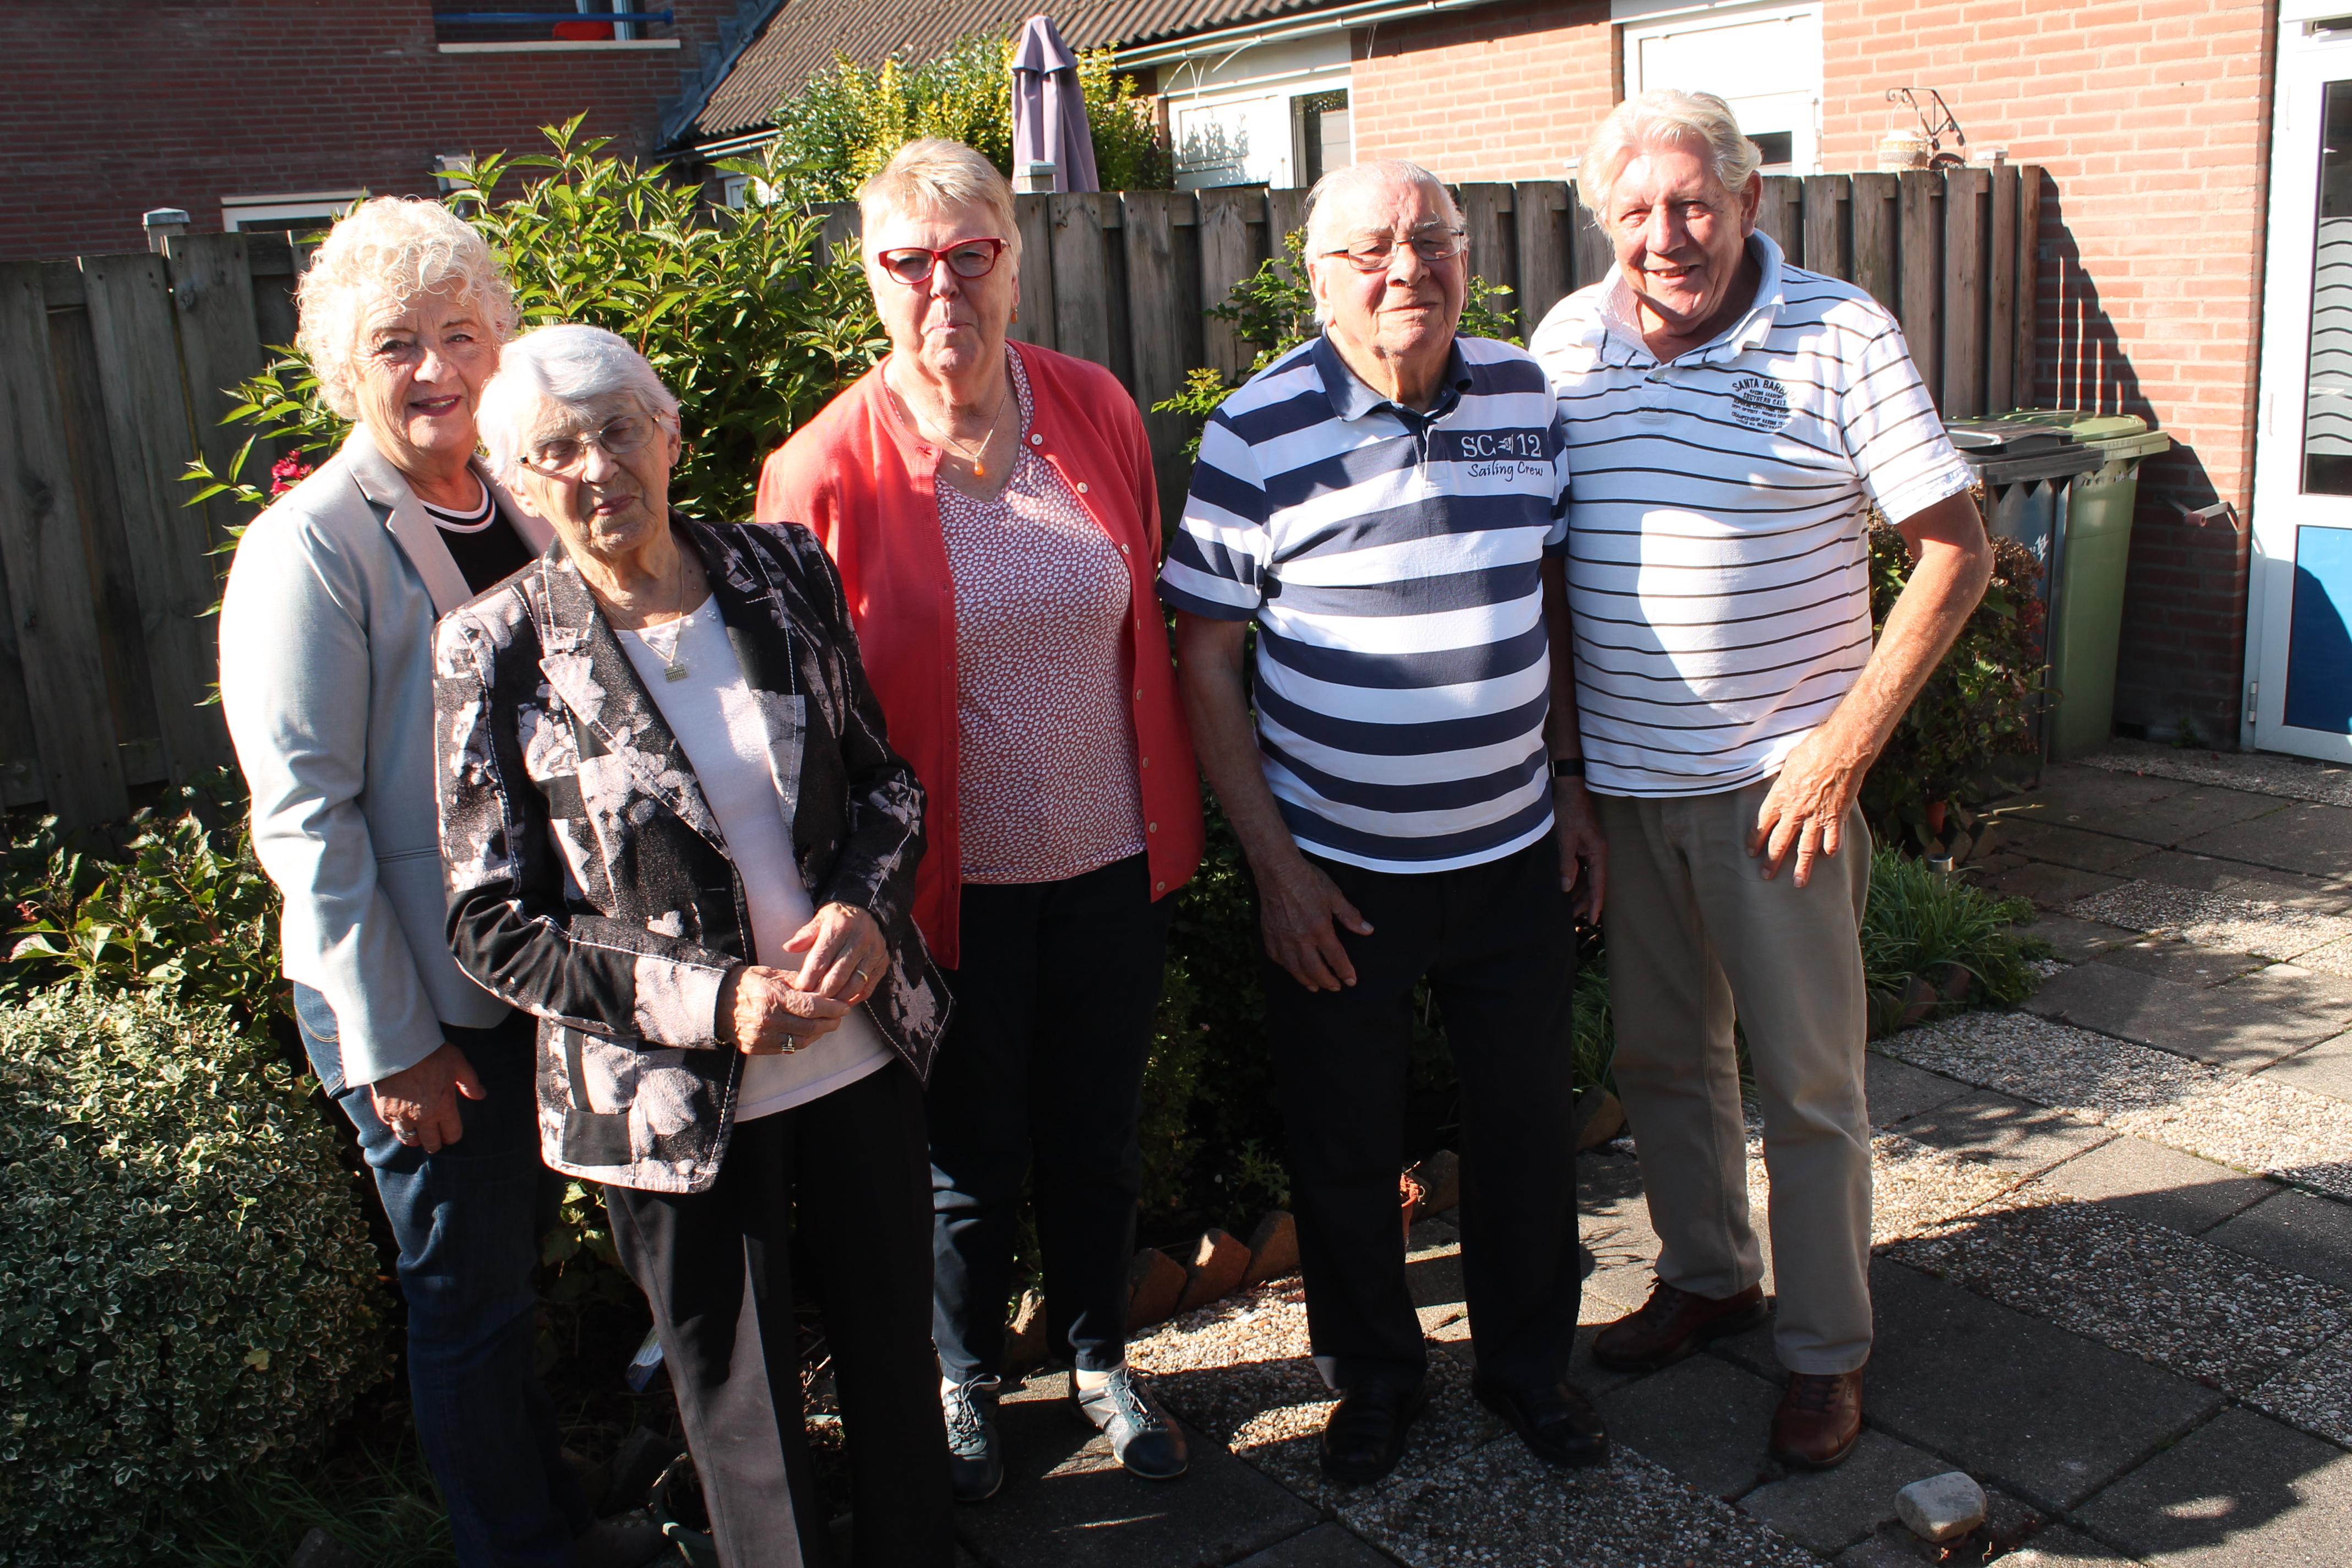 Van links naar rechts: Rita van der Wallen (voorzitter De Zonnebloem Purmerend), An Swart, Sietske van Houten, Louis Sewing en Herman Westra. (Foto: RM/John Bontje)